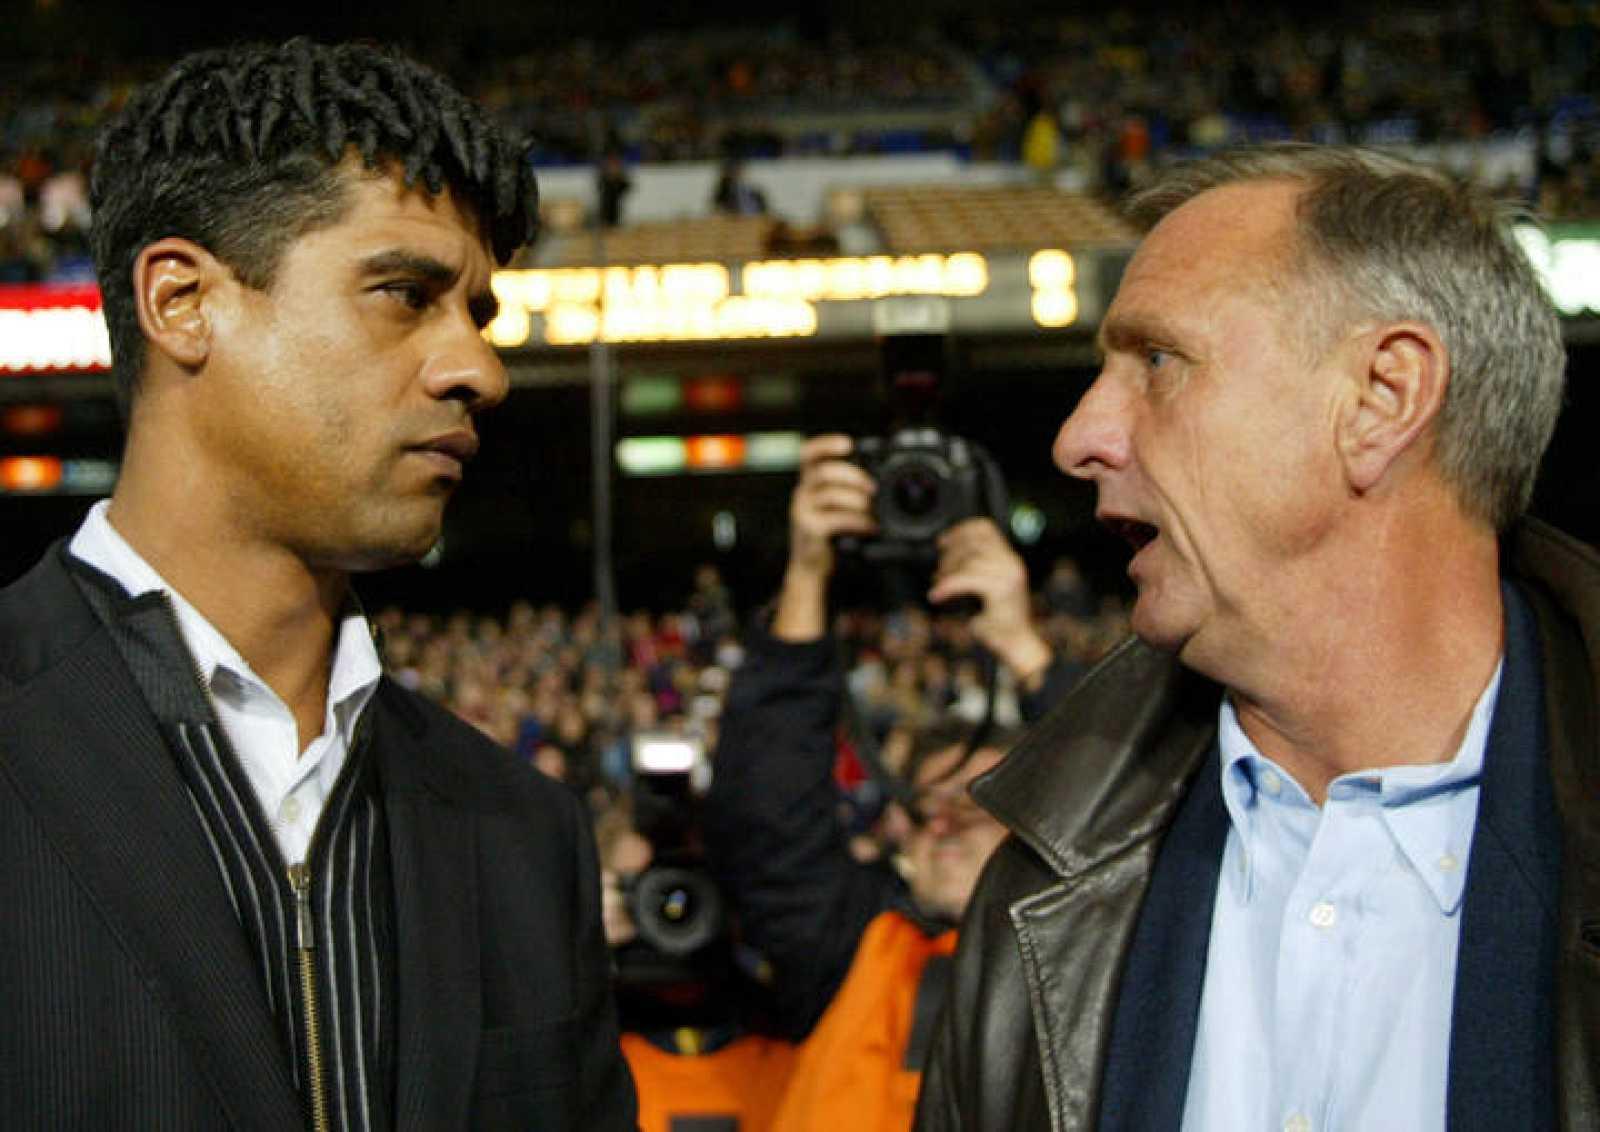 Johan Cruyff habla con el ex entrenador del FC Barcelona, el también holandés Frank Rijkaard.